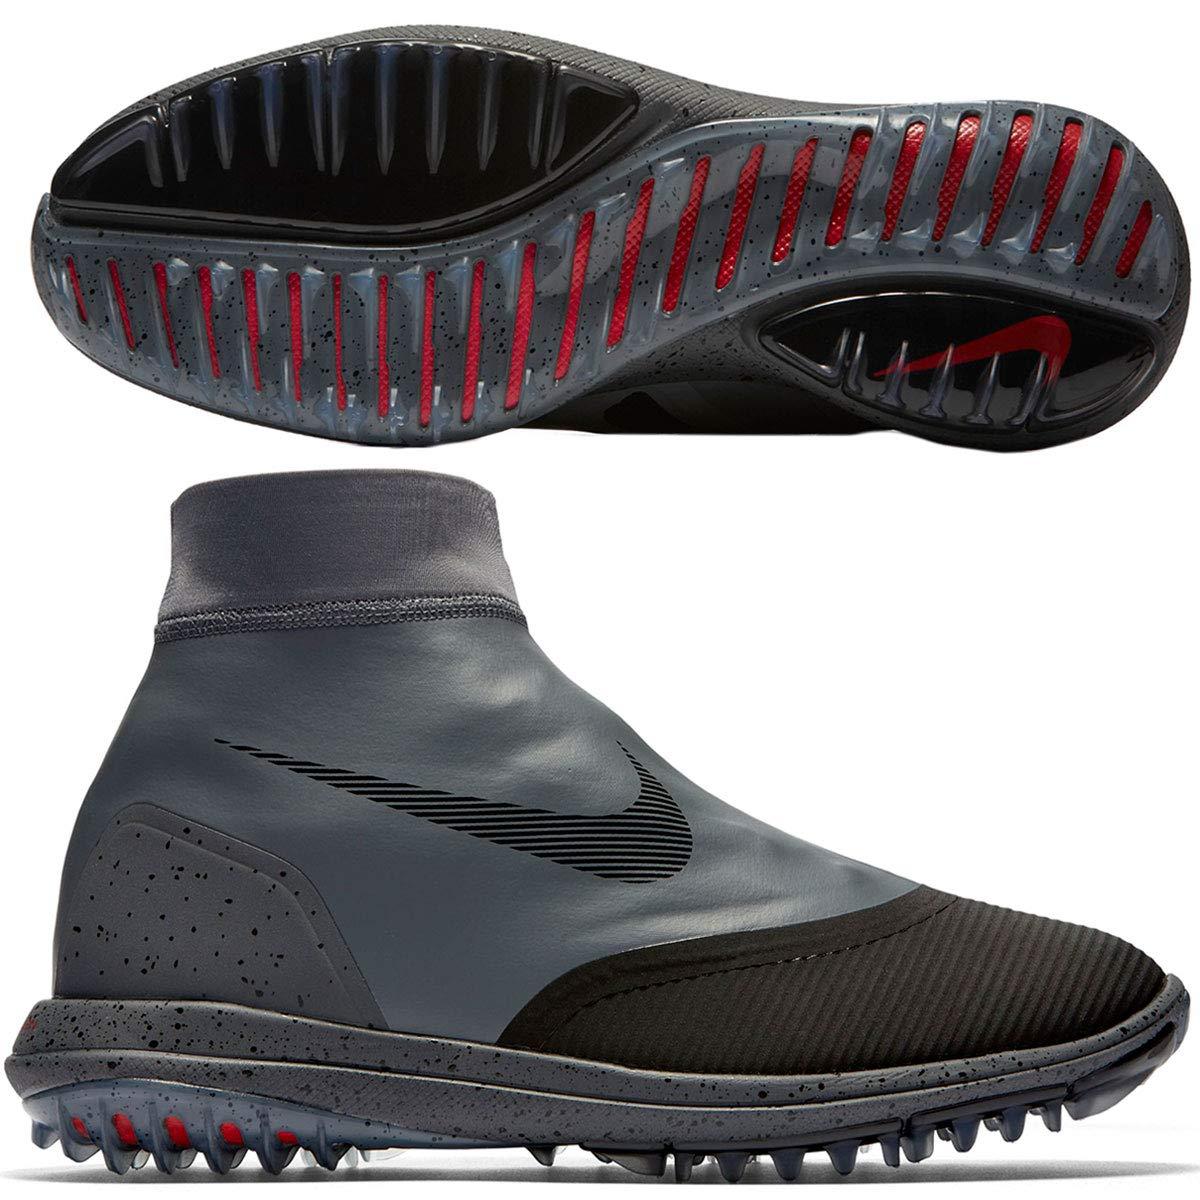 Lunar VaporStorm Spikeless Golf Shoes